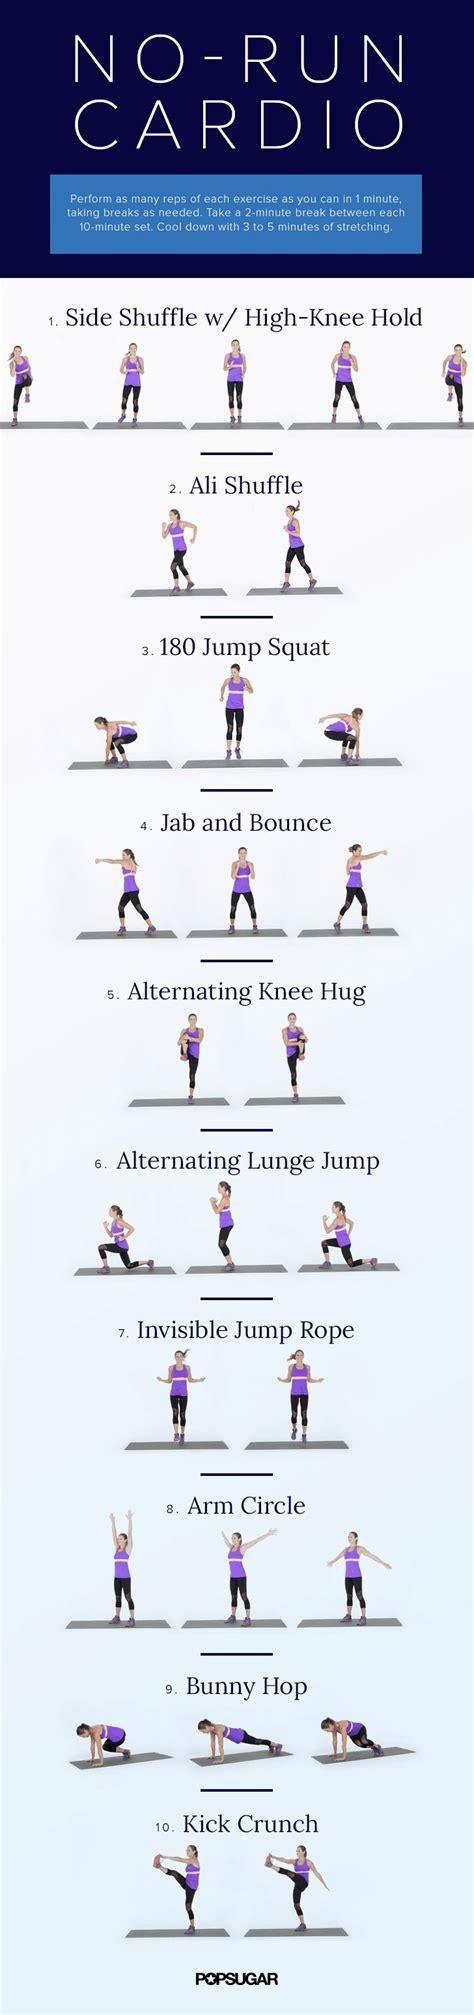 living room cardio workouts to do inside popsugar fitness australia